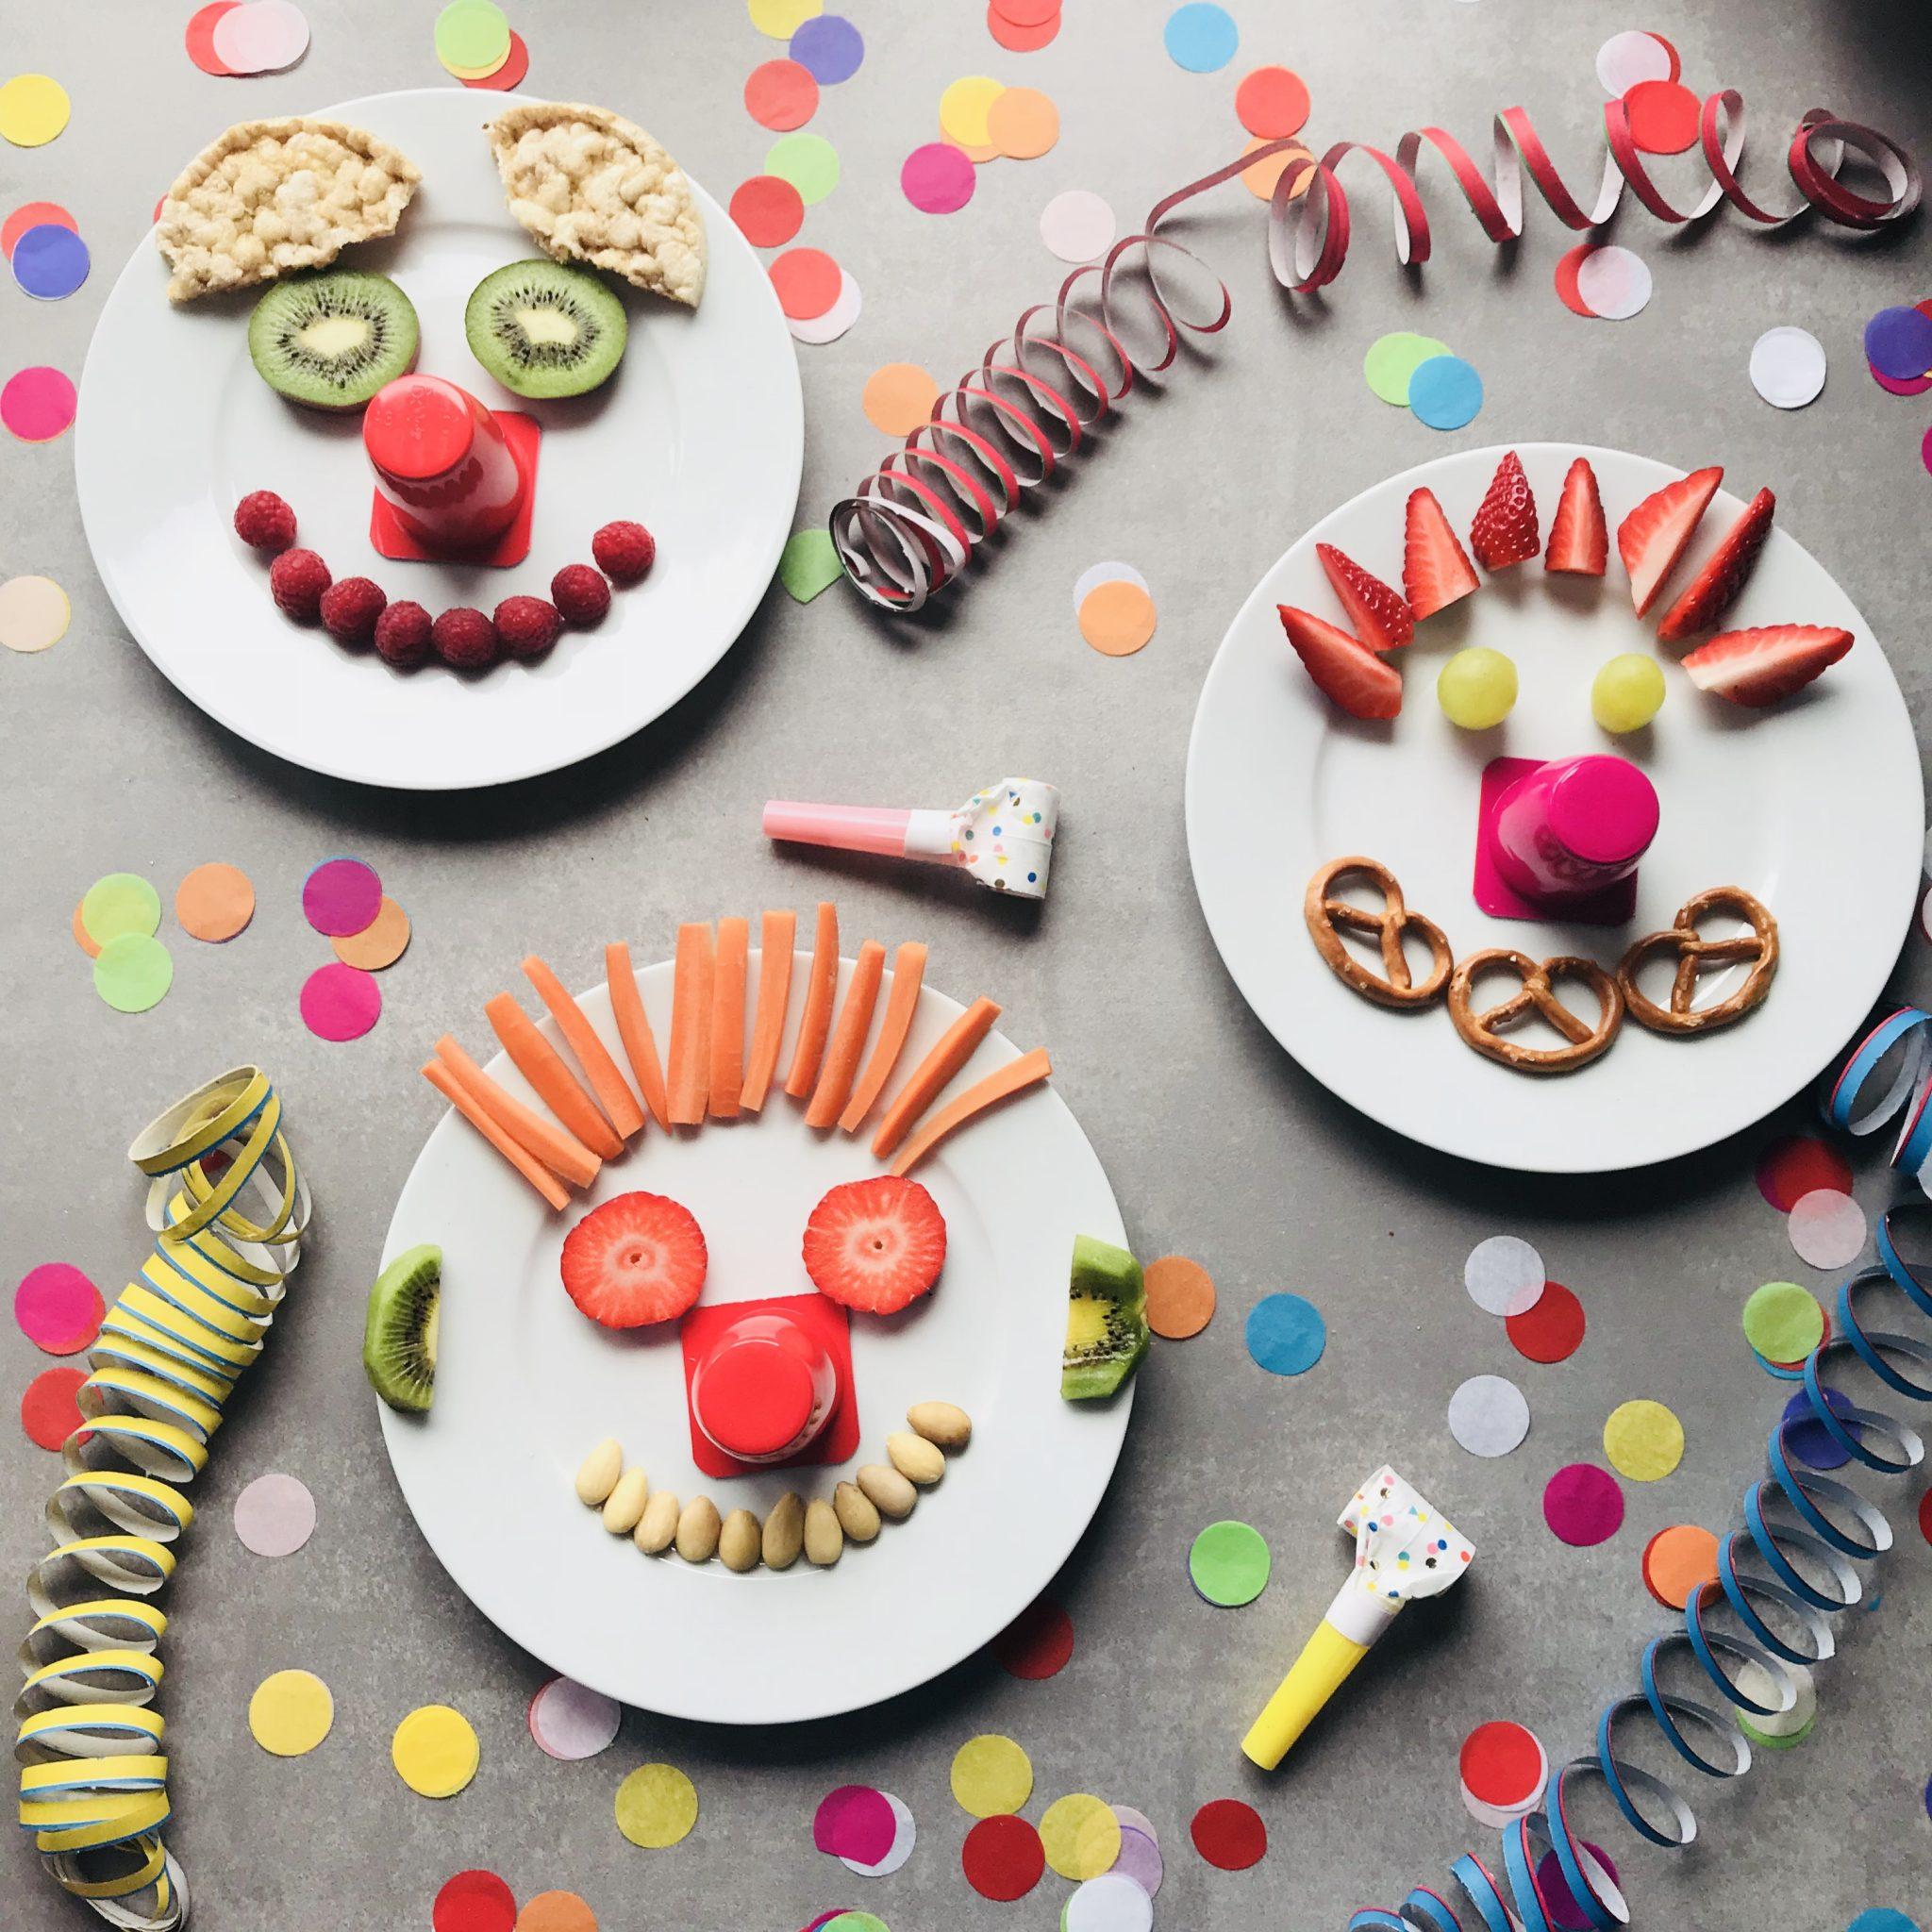 die clowns sind los kleine gesunde snacks f r kinder sarahplusdrei. Black Bedroom Furniture Sets. Home Design Ideas